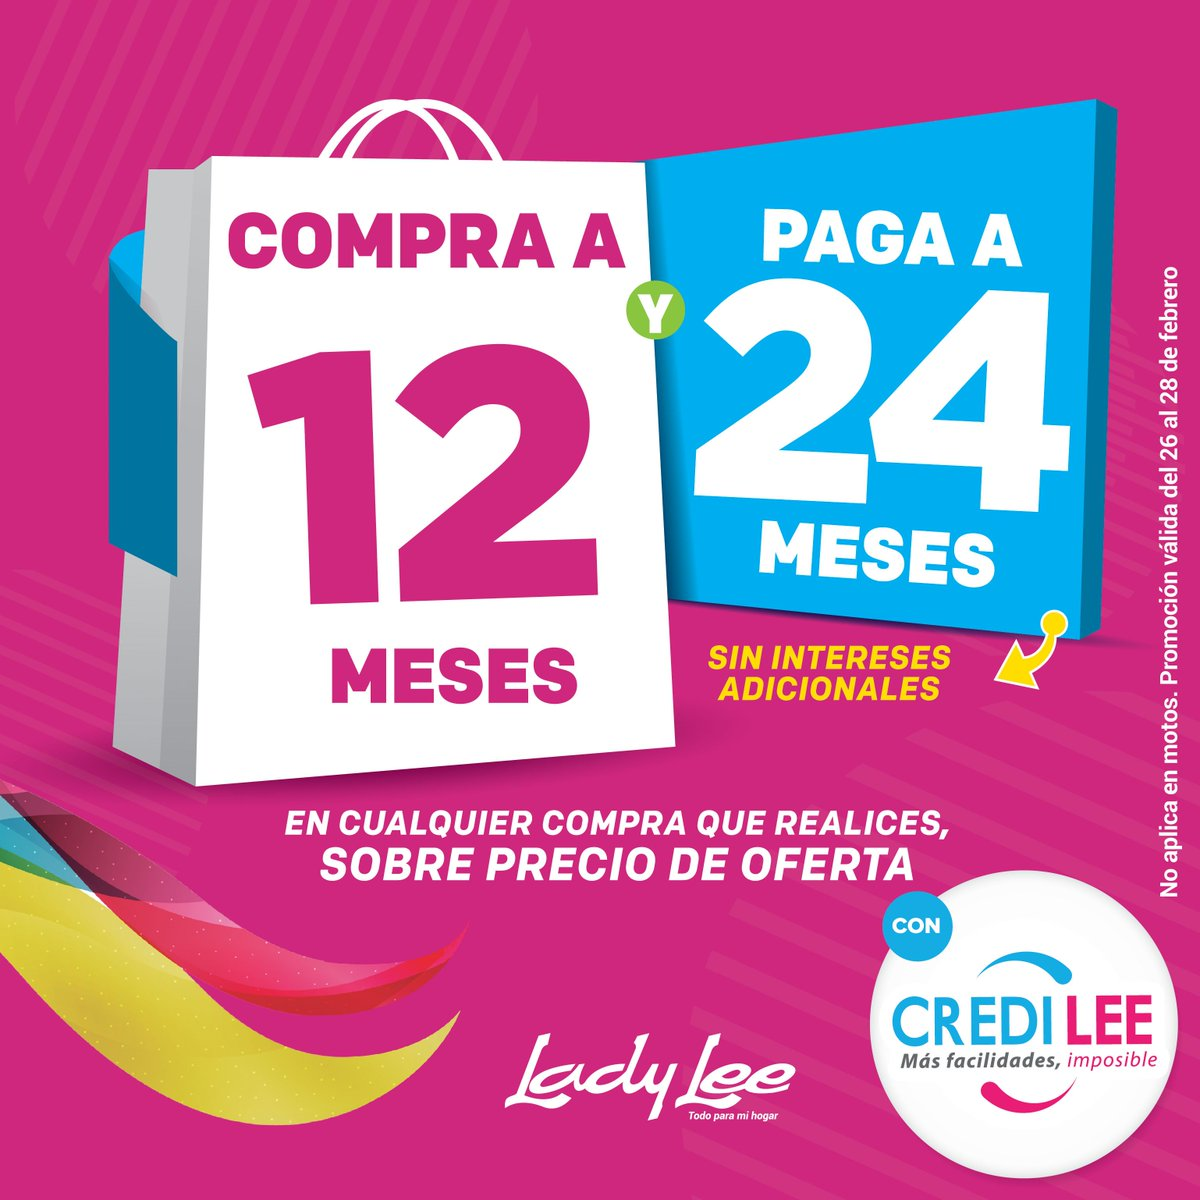 Lady Lee Honduras Ladyleehnd Twitter # Muebles De Lady Lee